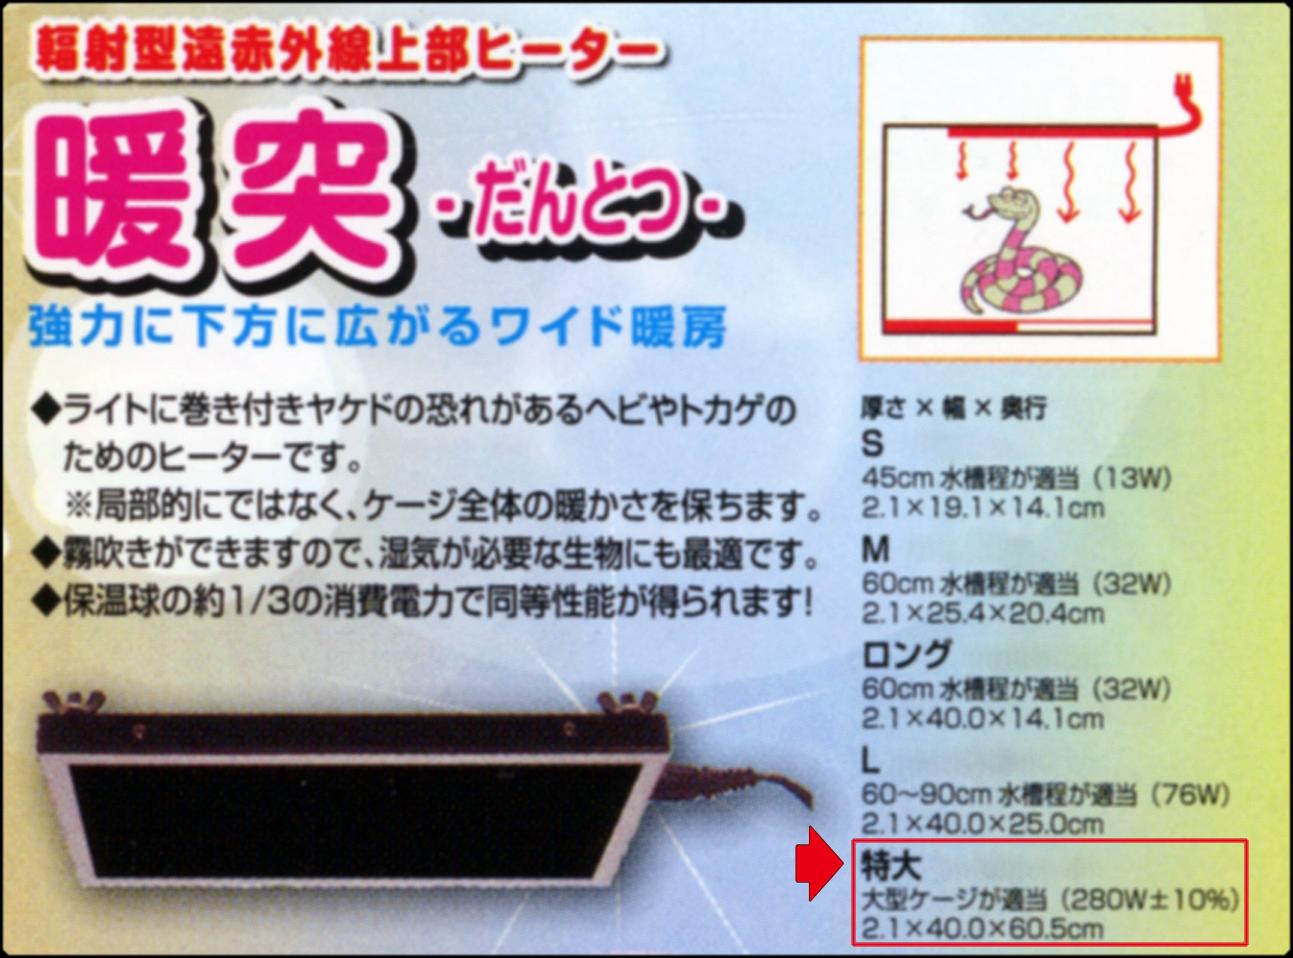 暖突(だんとつ)特大 みどり商会輻射型遠赤外線上部ヒーター 販売 通販